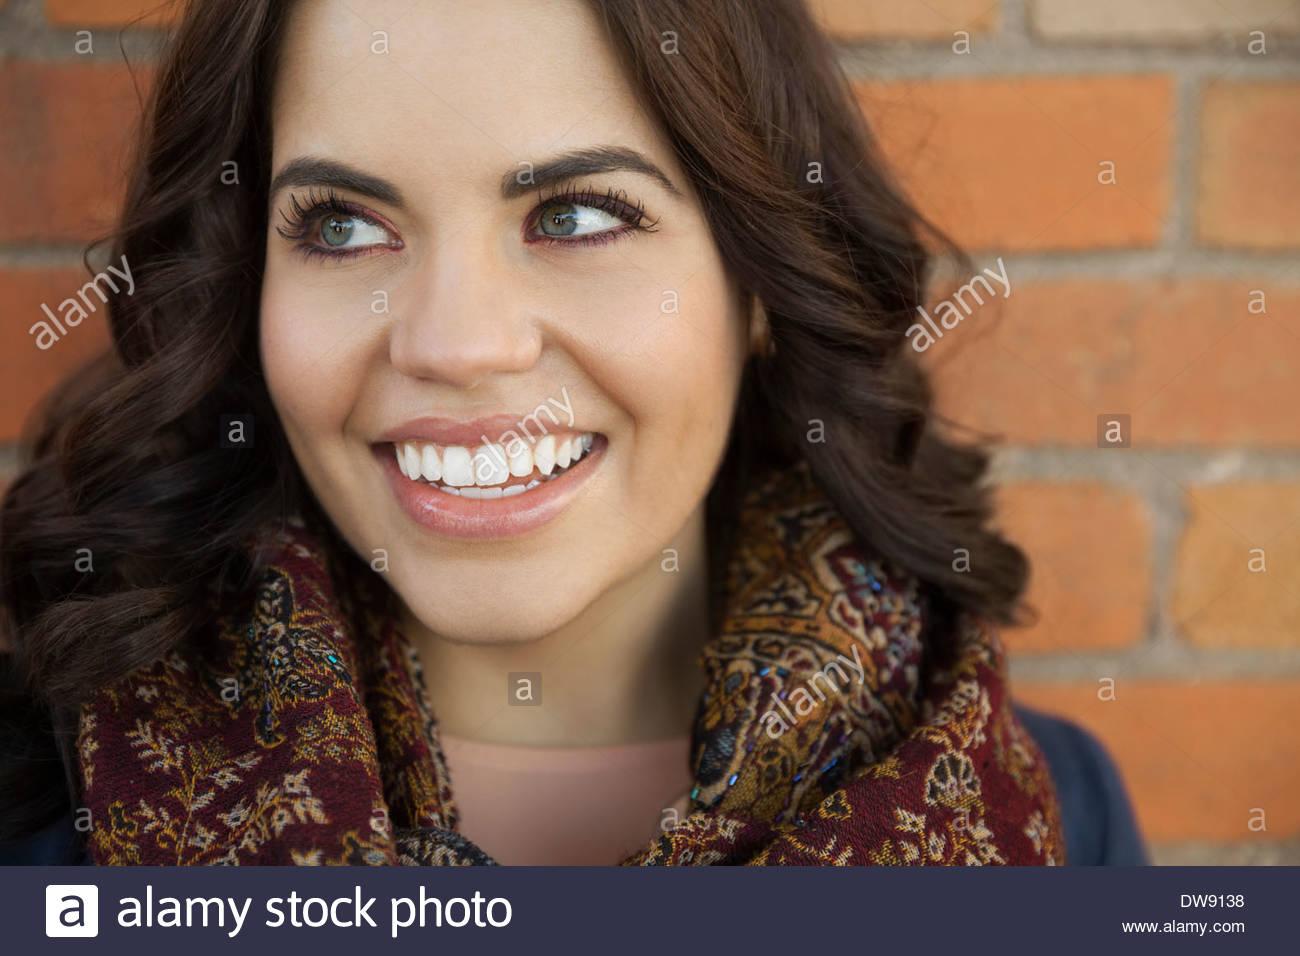 Hermosa mujer sonriente contra la pared de ladrillo Imagen De Stock